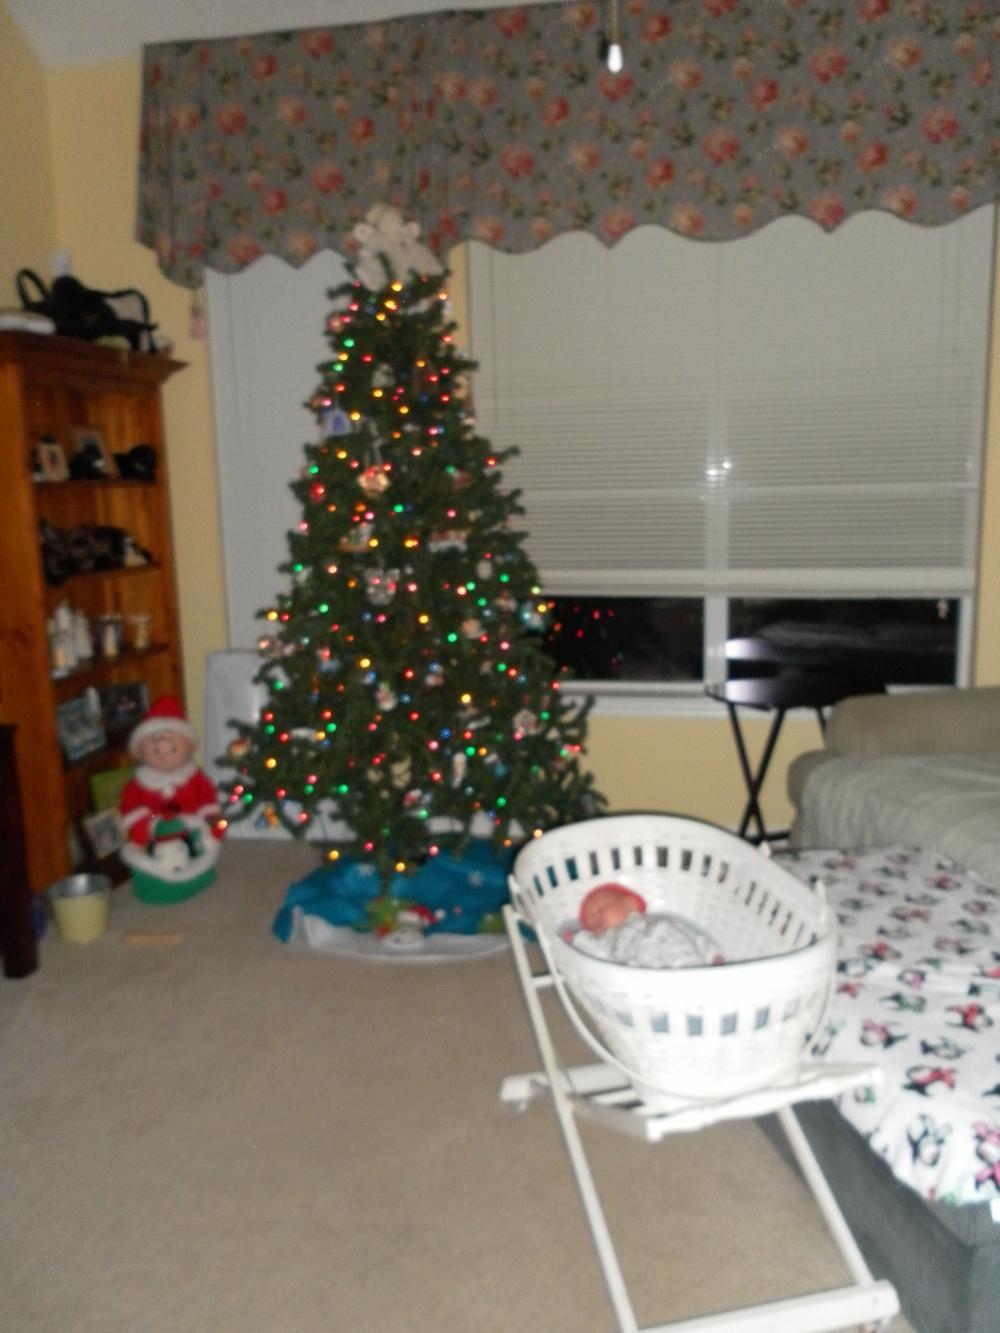 Look what Santa brought!